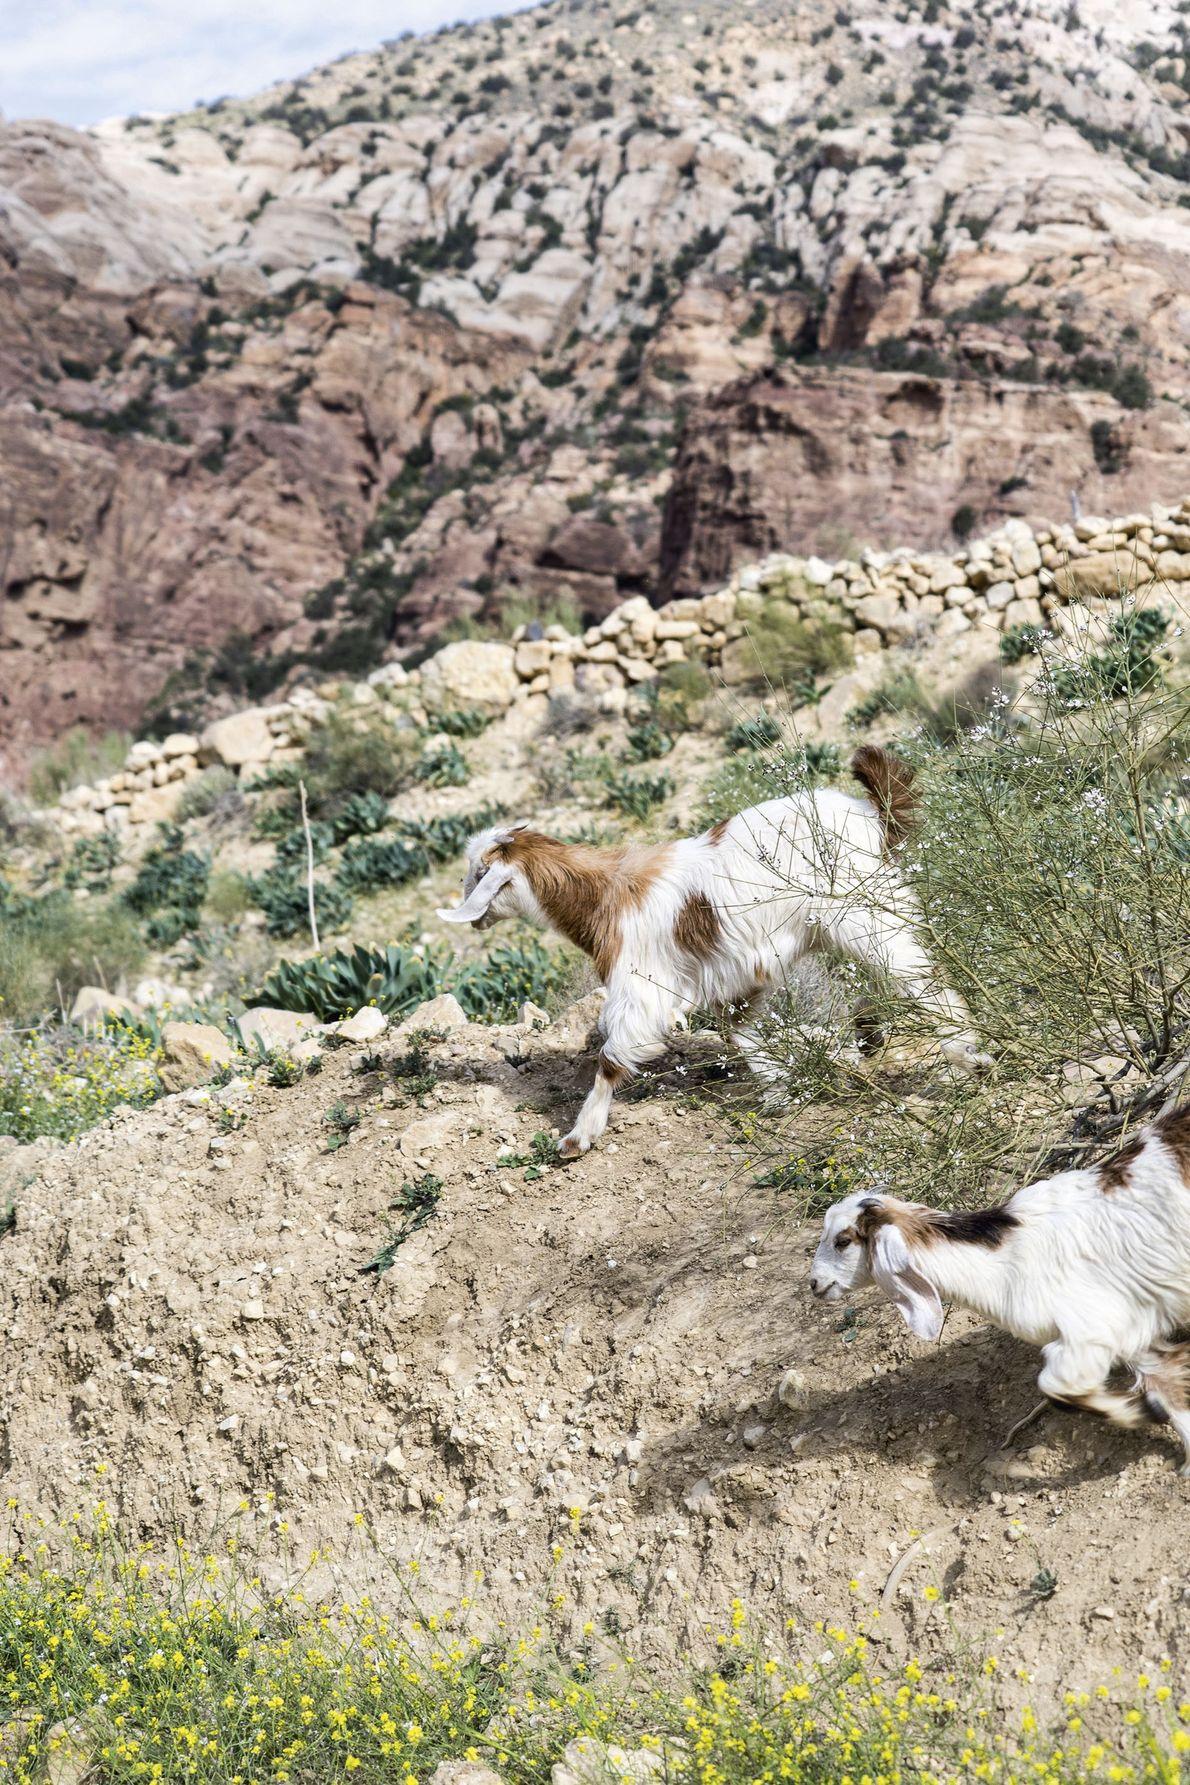 Goats roam around.